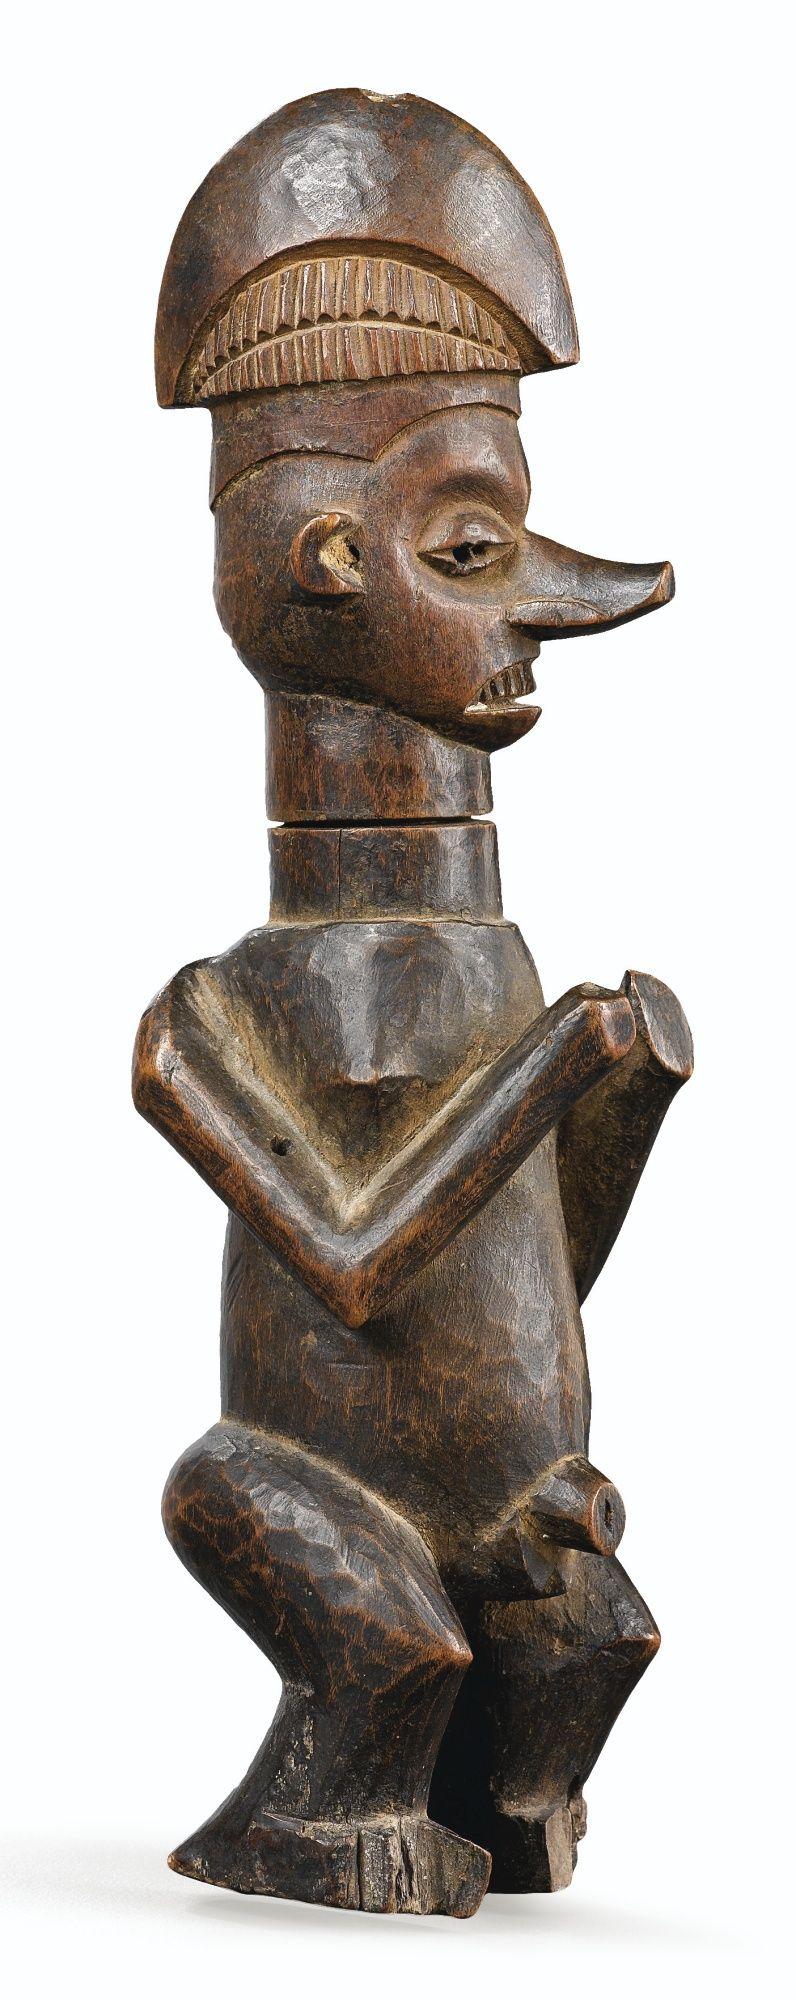 Statue / receptacle Yaka Collected 1910-20 - les sculptures-réceptacles kumdu di mpemba, aux bras percés de trous de suspension, servaient à contenir des ingrédients employés dans les cérémonies d'investiture. Ici, le sommet de la coiffe de dignitaire contient une petite charge, autre indice du rôle rituel dont elle était investie.